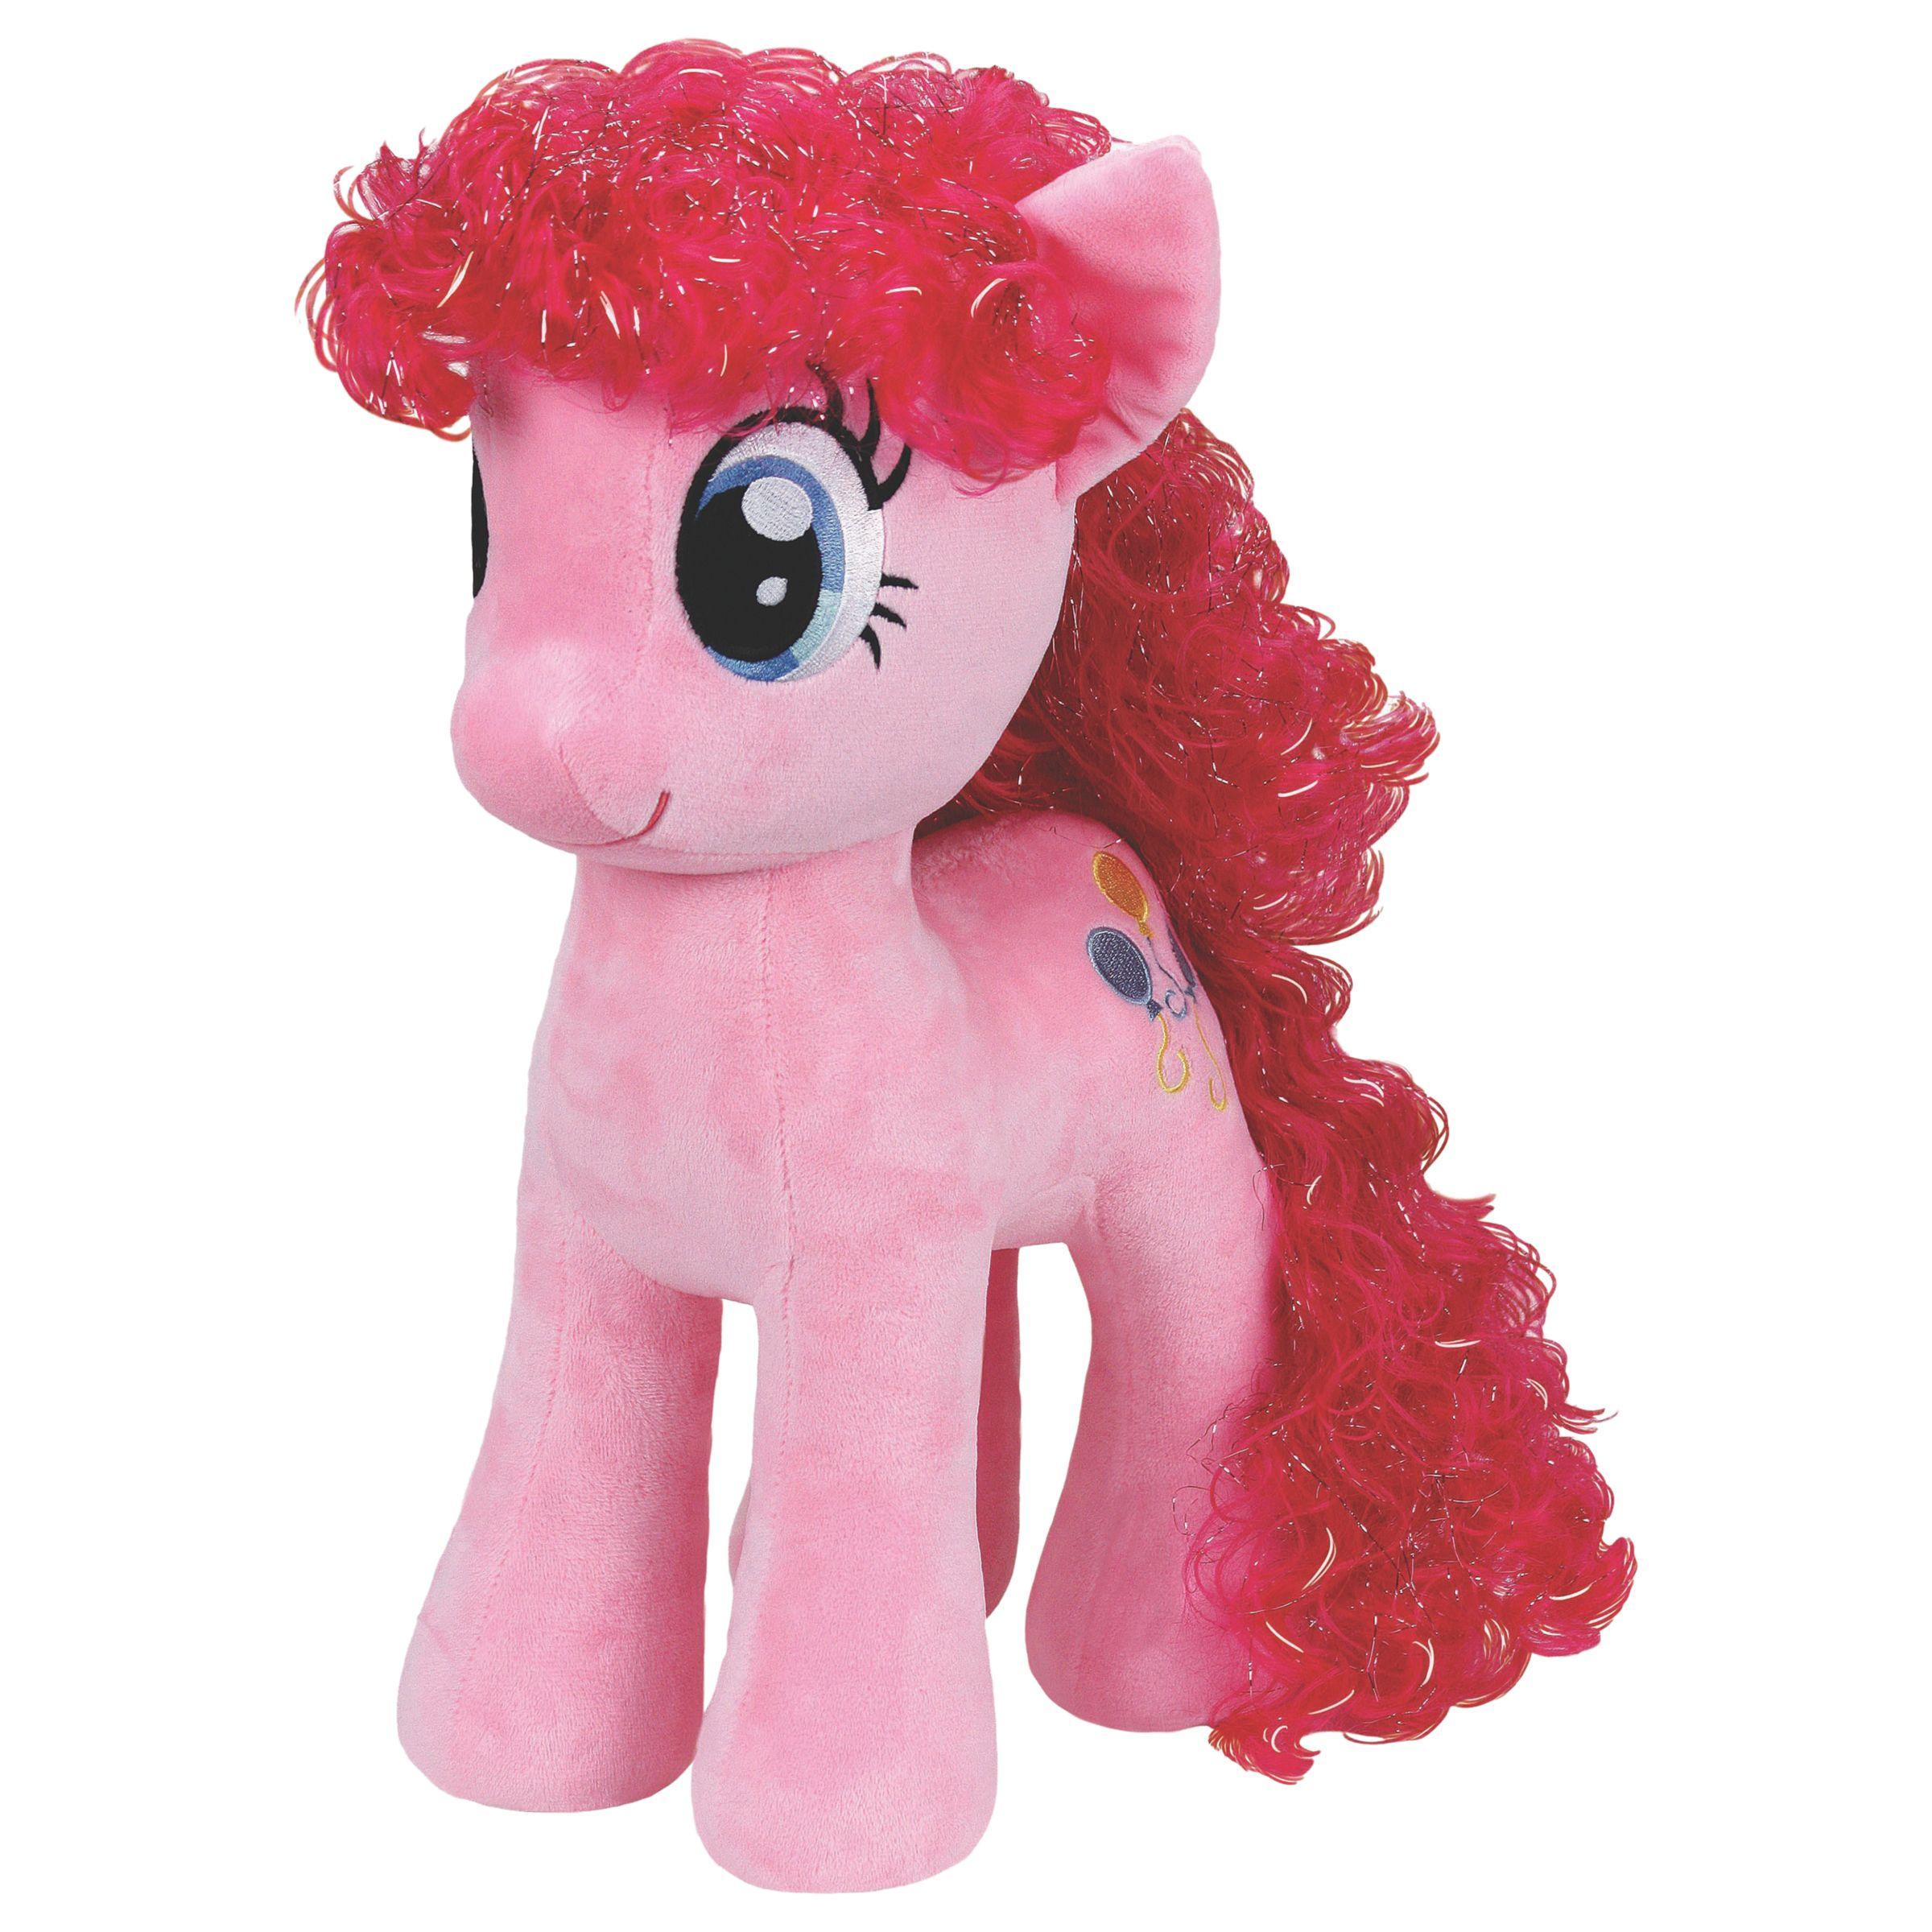 Ty Ty My Little Pony Pinkie Pie Extra Large Beanie Soft Toy, 70cm